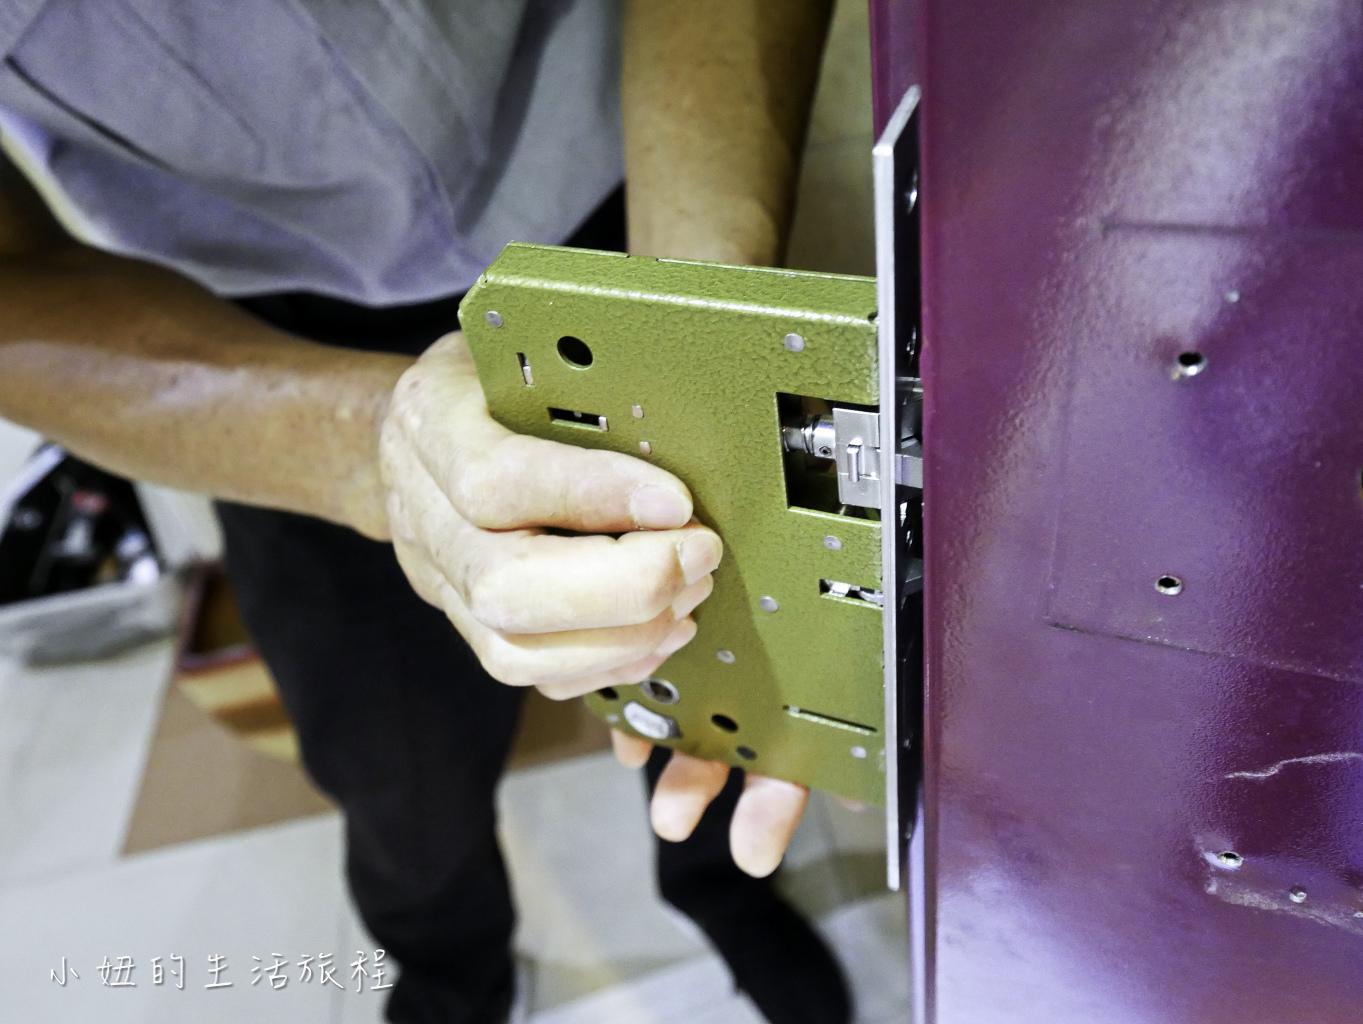 中興保全電子鎖,指紋鎖-5.jpg